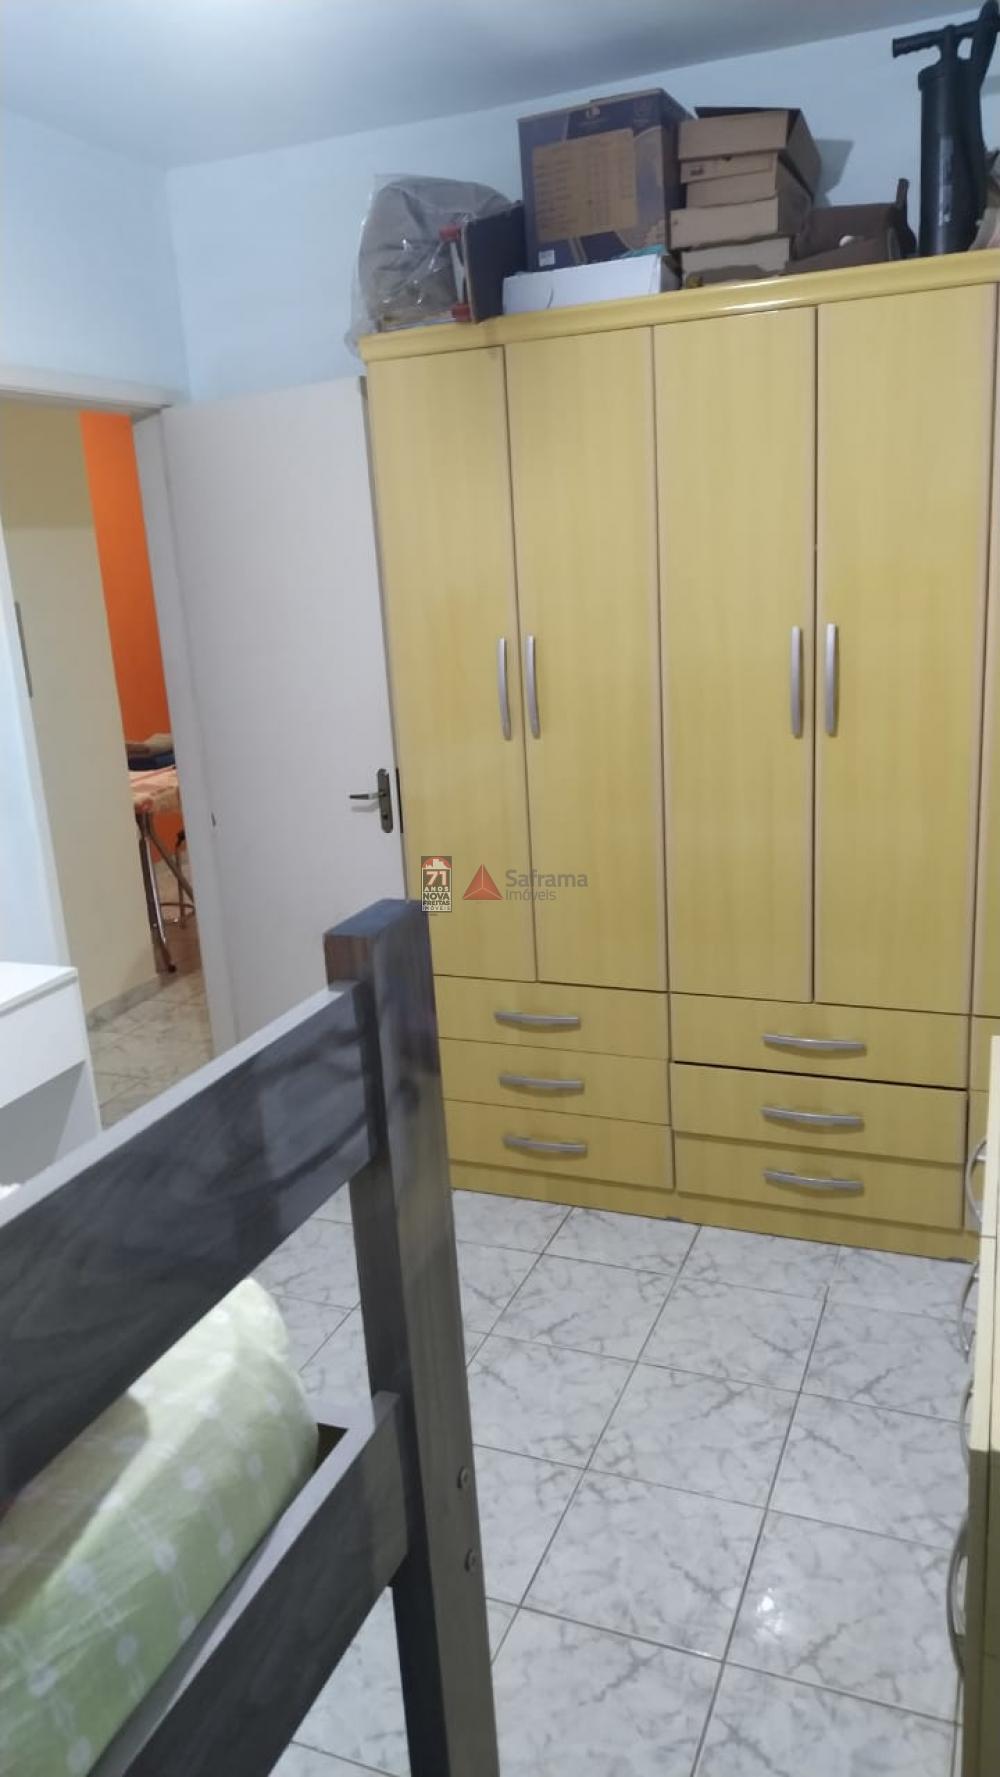 Comprar Apartamento / Padrão em São José dos Campos R$ 240.000,00 - Foto 13